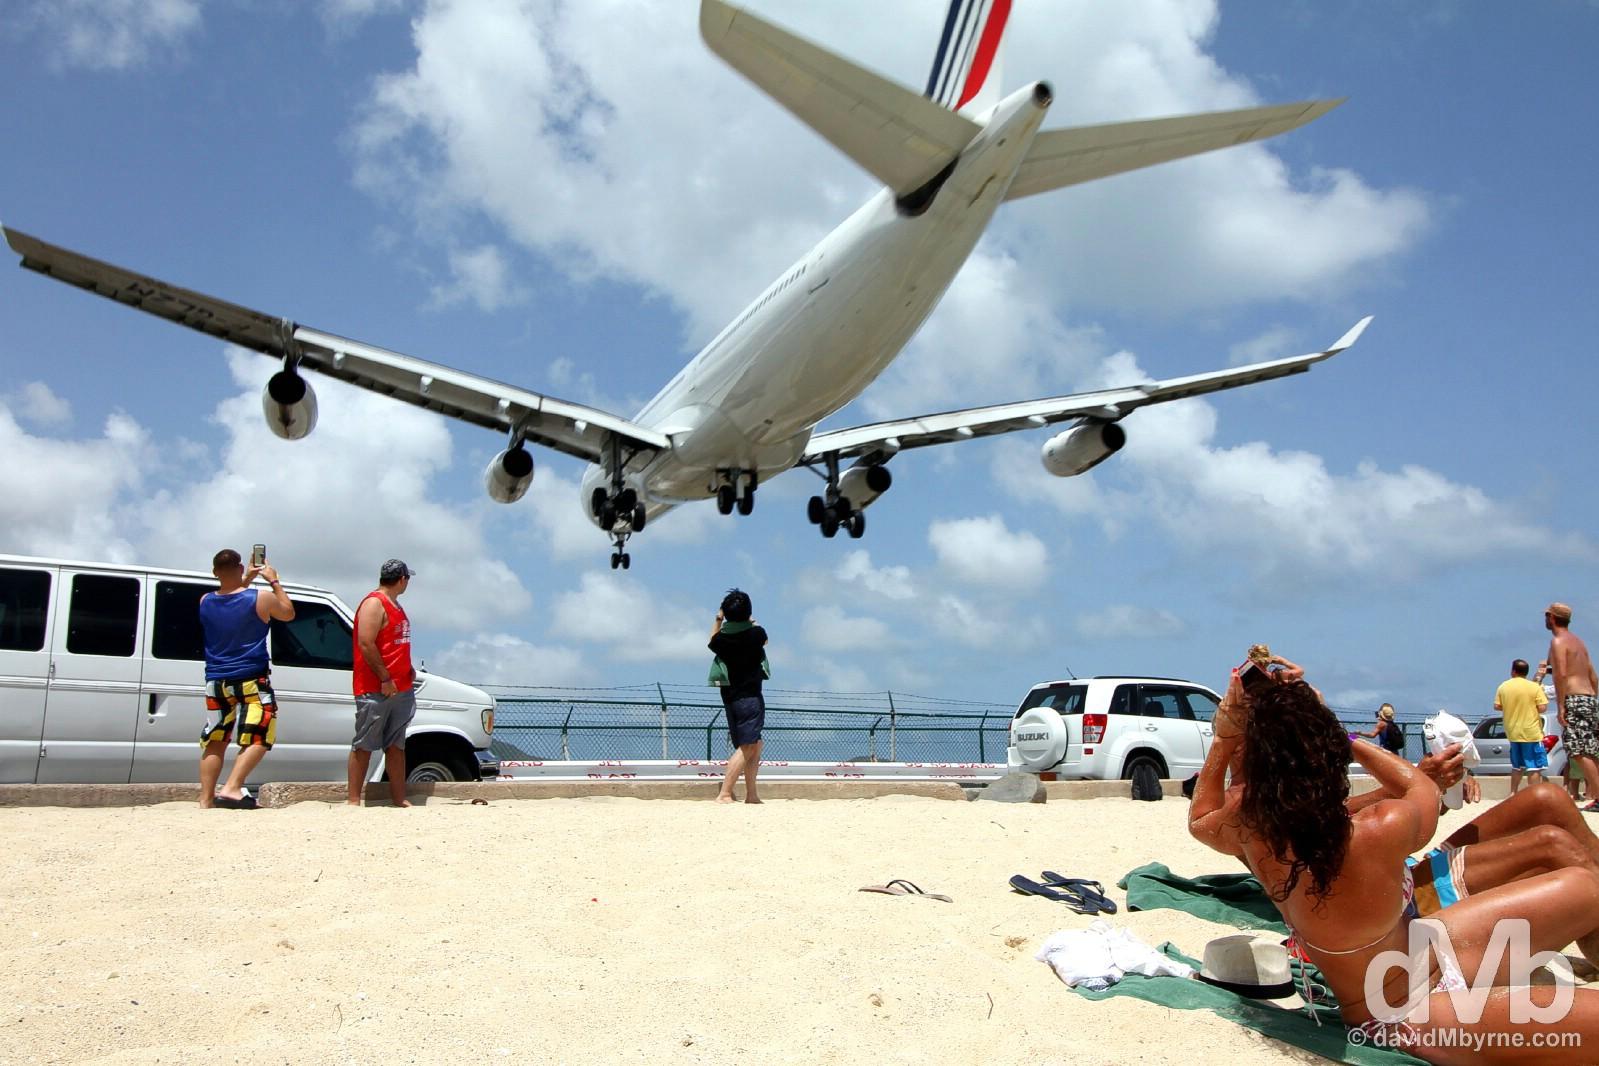 Disturbing sunbathing. An approach to Juliana Airport over the sands of Maho Beach, Sint Maarten, Lesser Antilles. June 8, 2015.